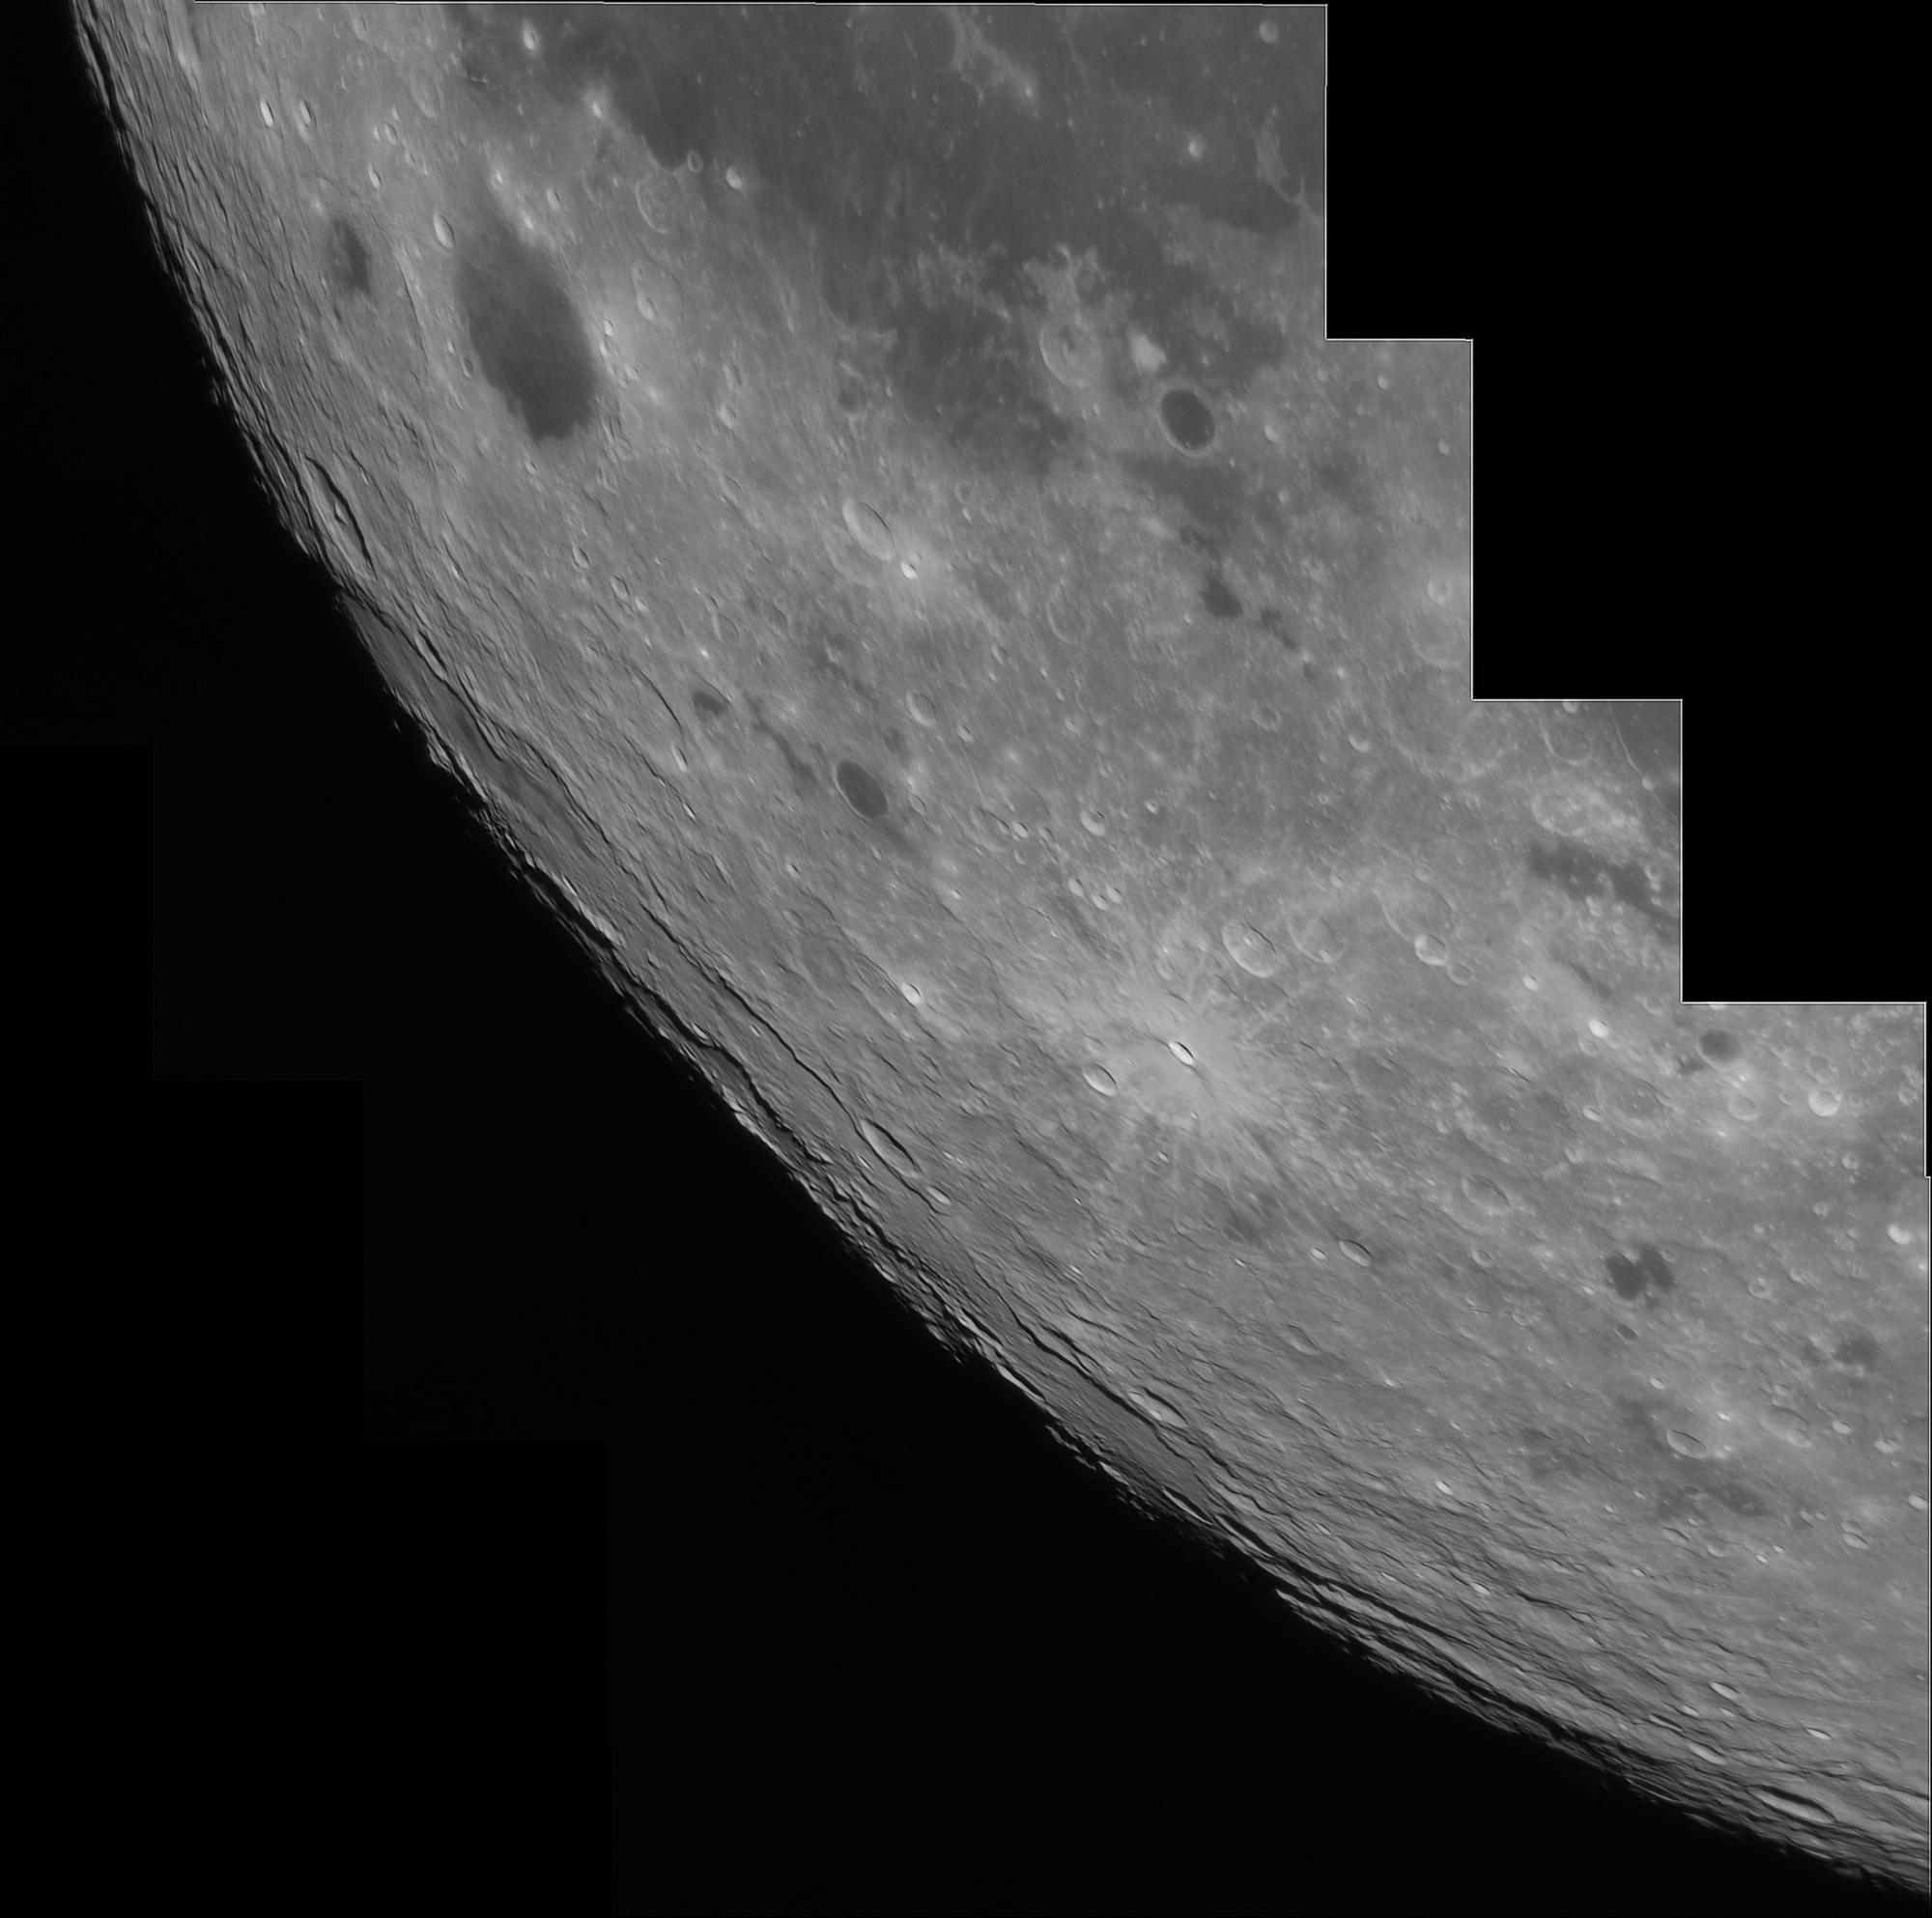 2021-02-26-2119_9-Moon_AS_P25_lapl6_ap2432_stitch.thumb.jpg.ffc823e8af907fb5f80f571d116c8caa.jpg